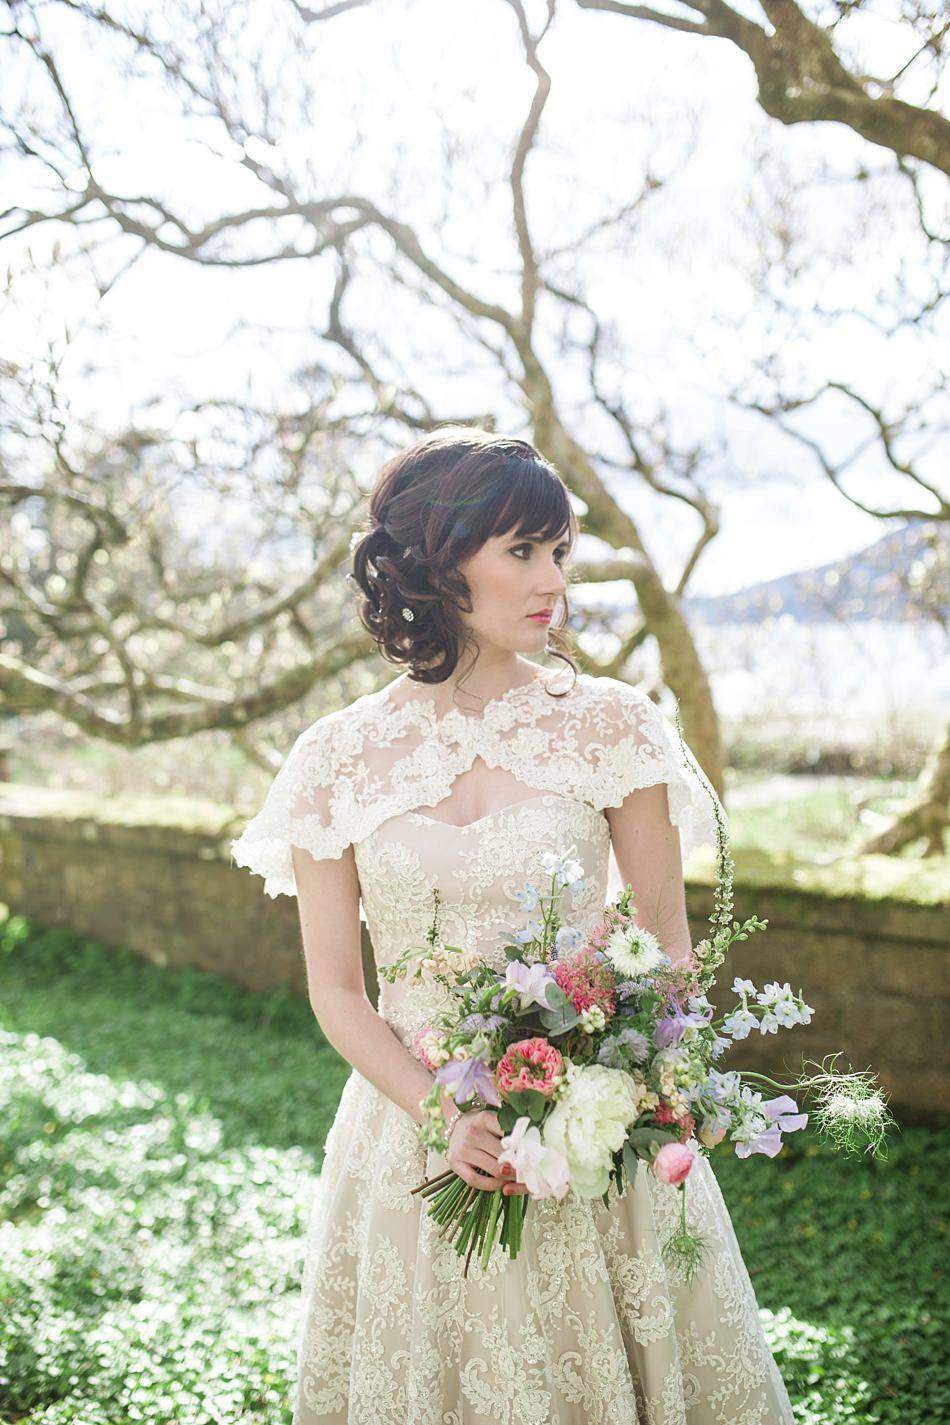 wedding ardkinglas Loch fyne 2-15.jpg